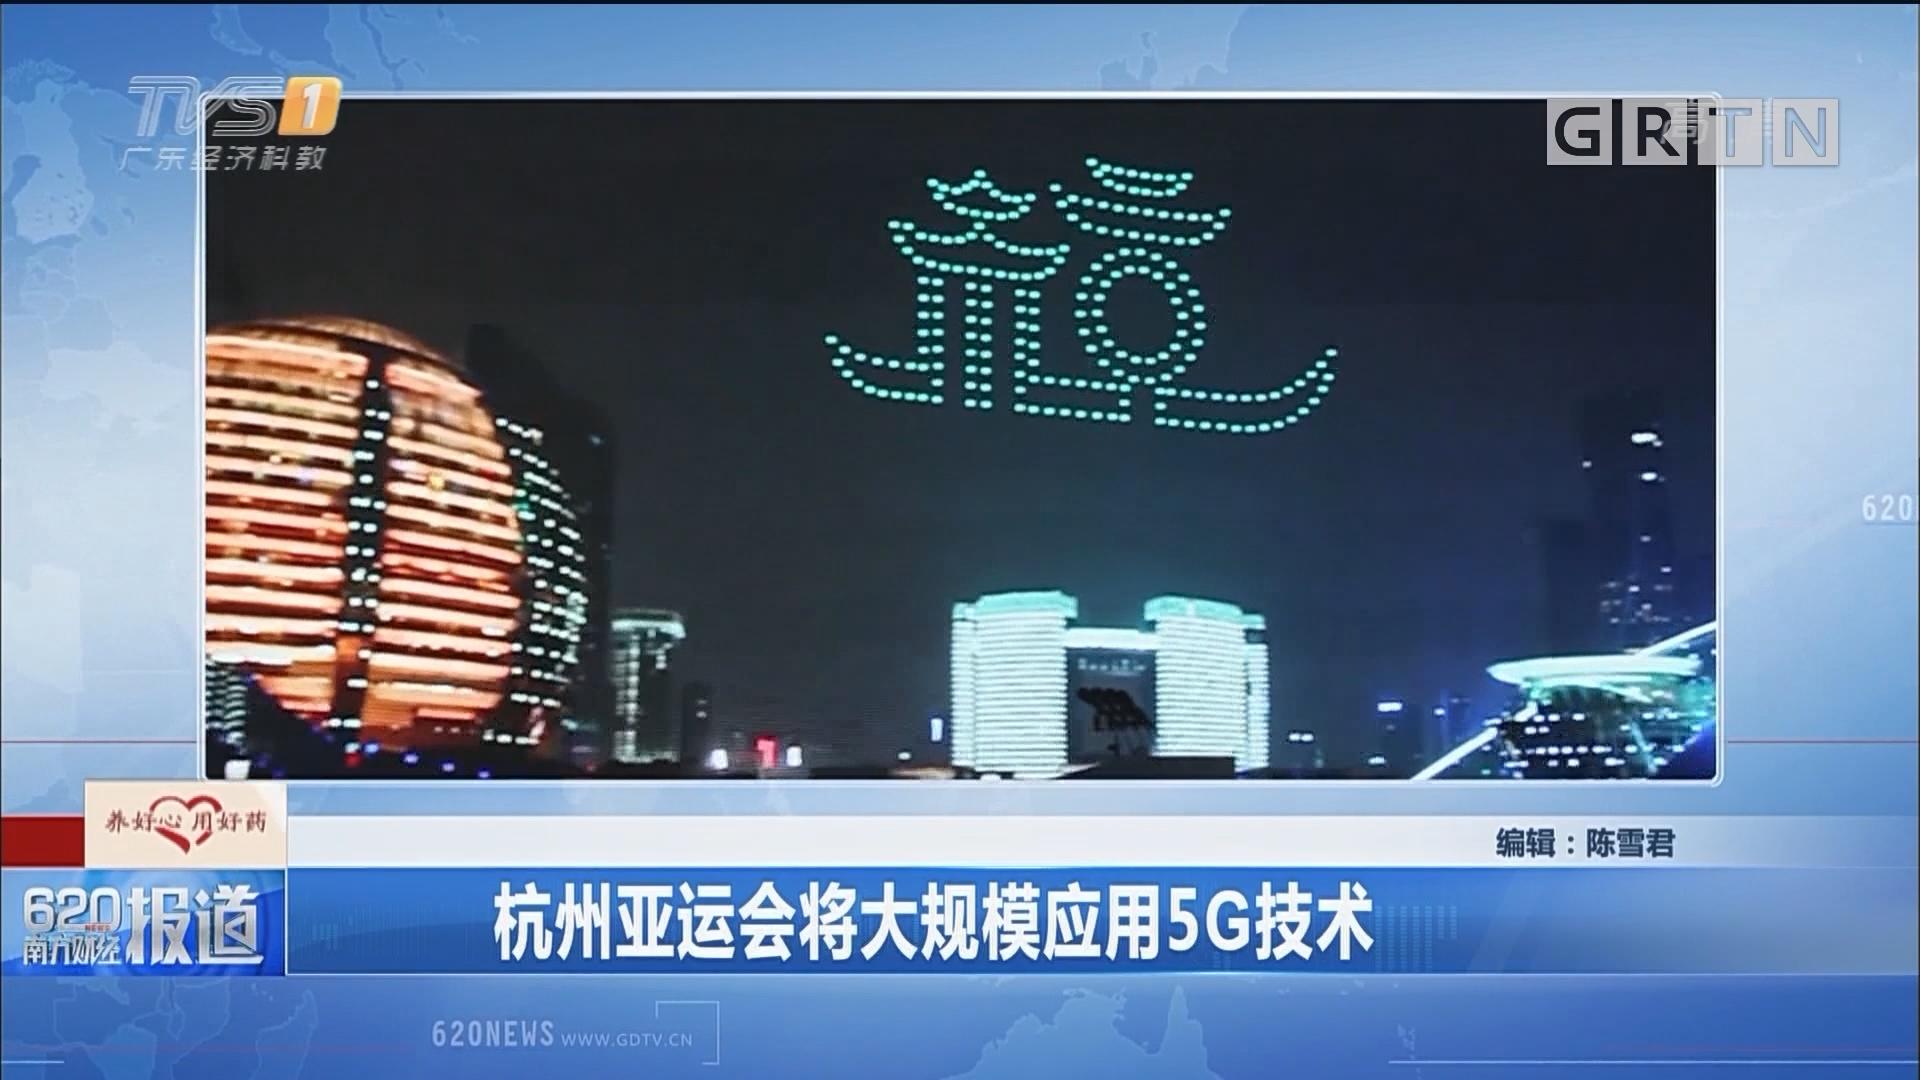 杭州亚运会将大规模应用5G技术